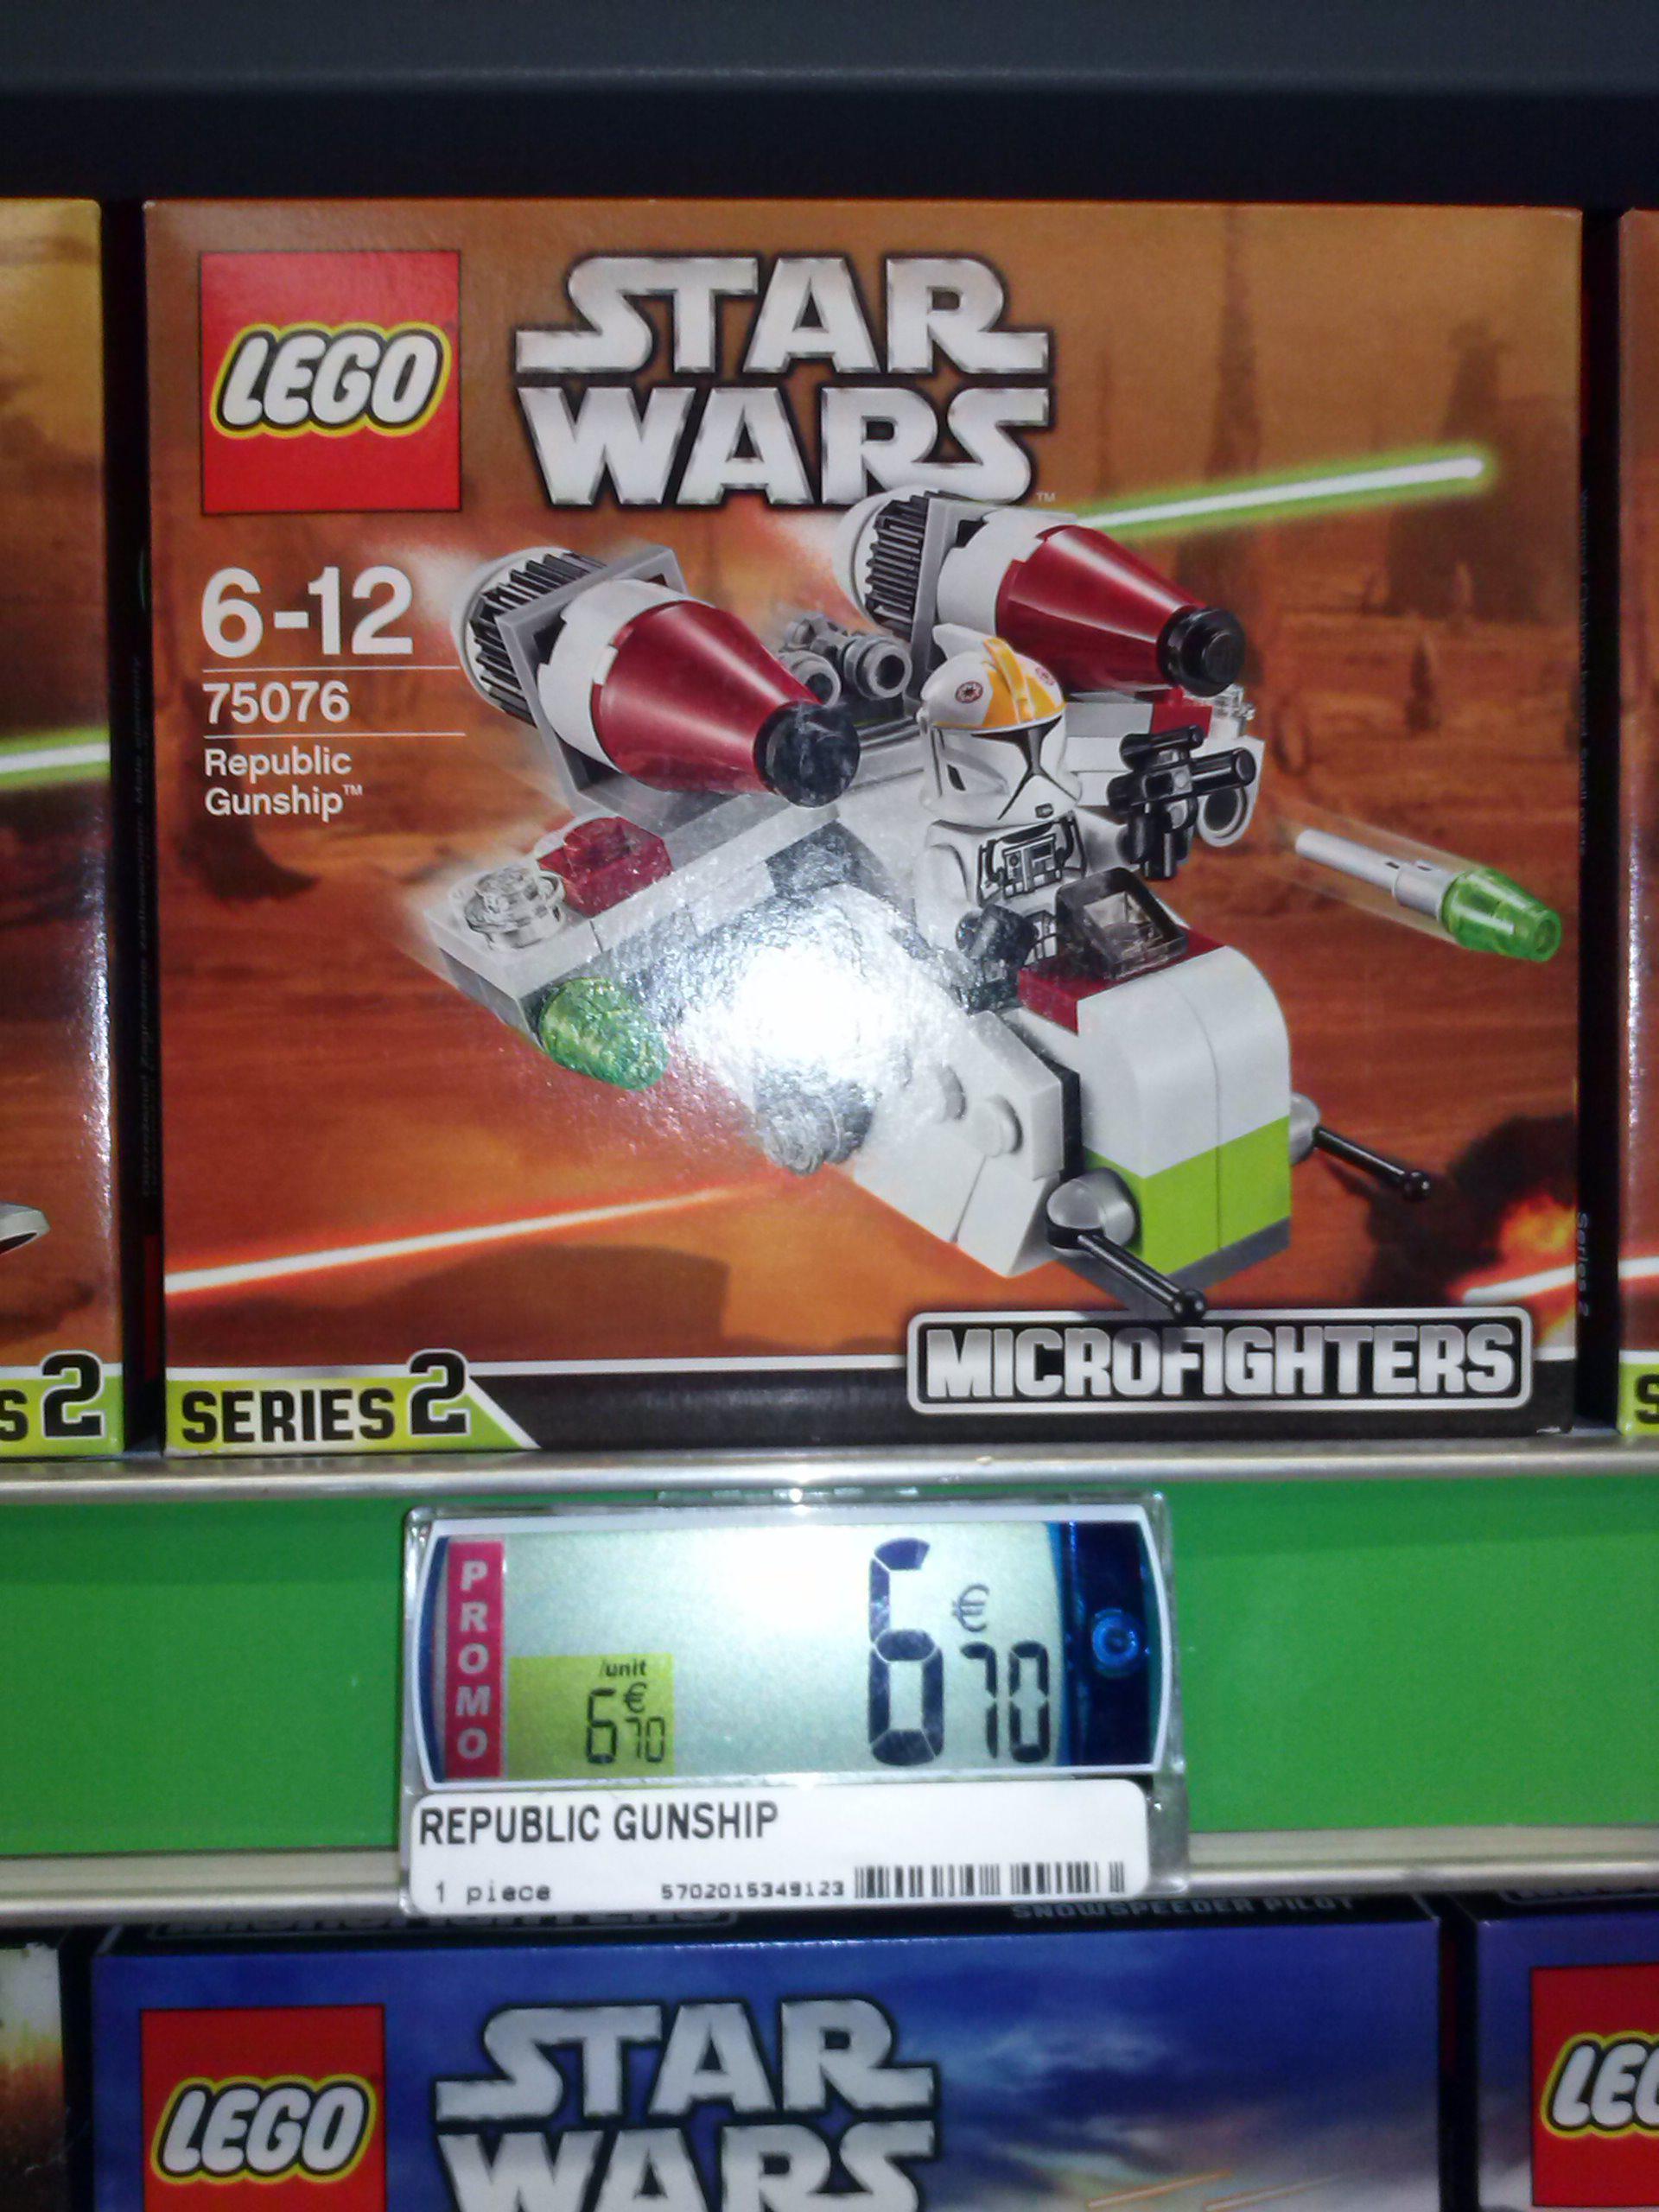 Jusqu'à 40% de réduction sur une sélection de jouets  LEGO - Ex : Les Microfighters Star Wars